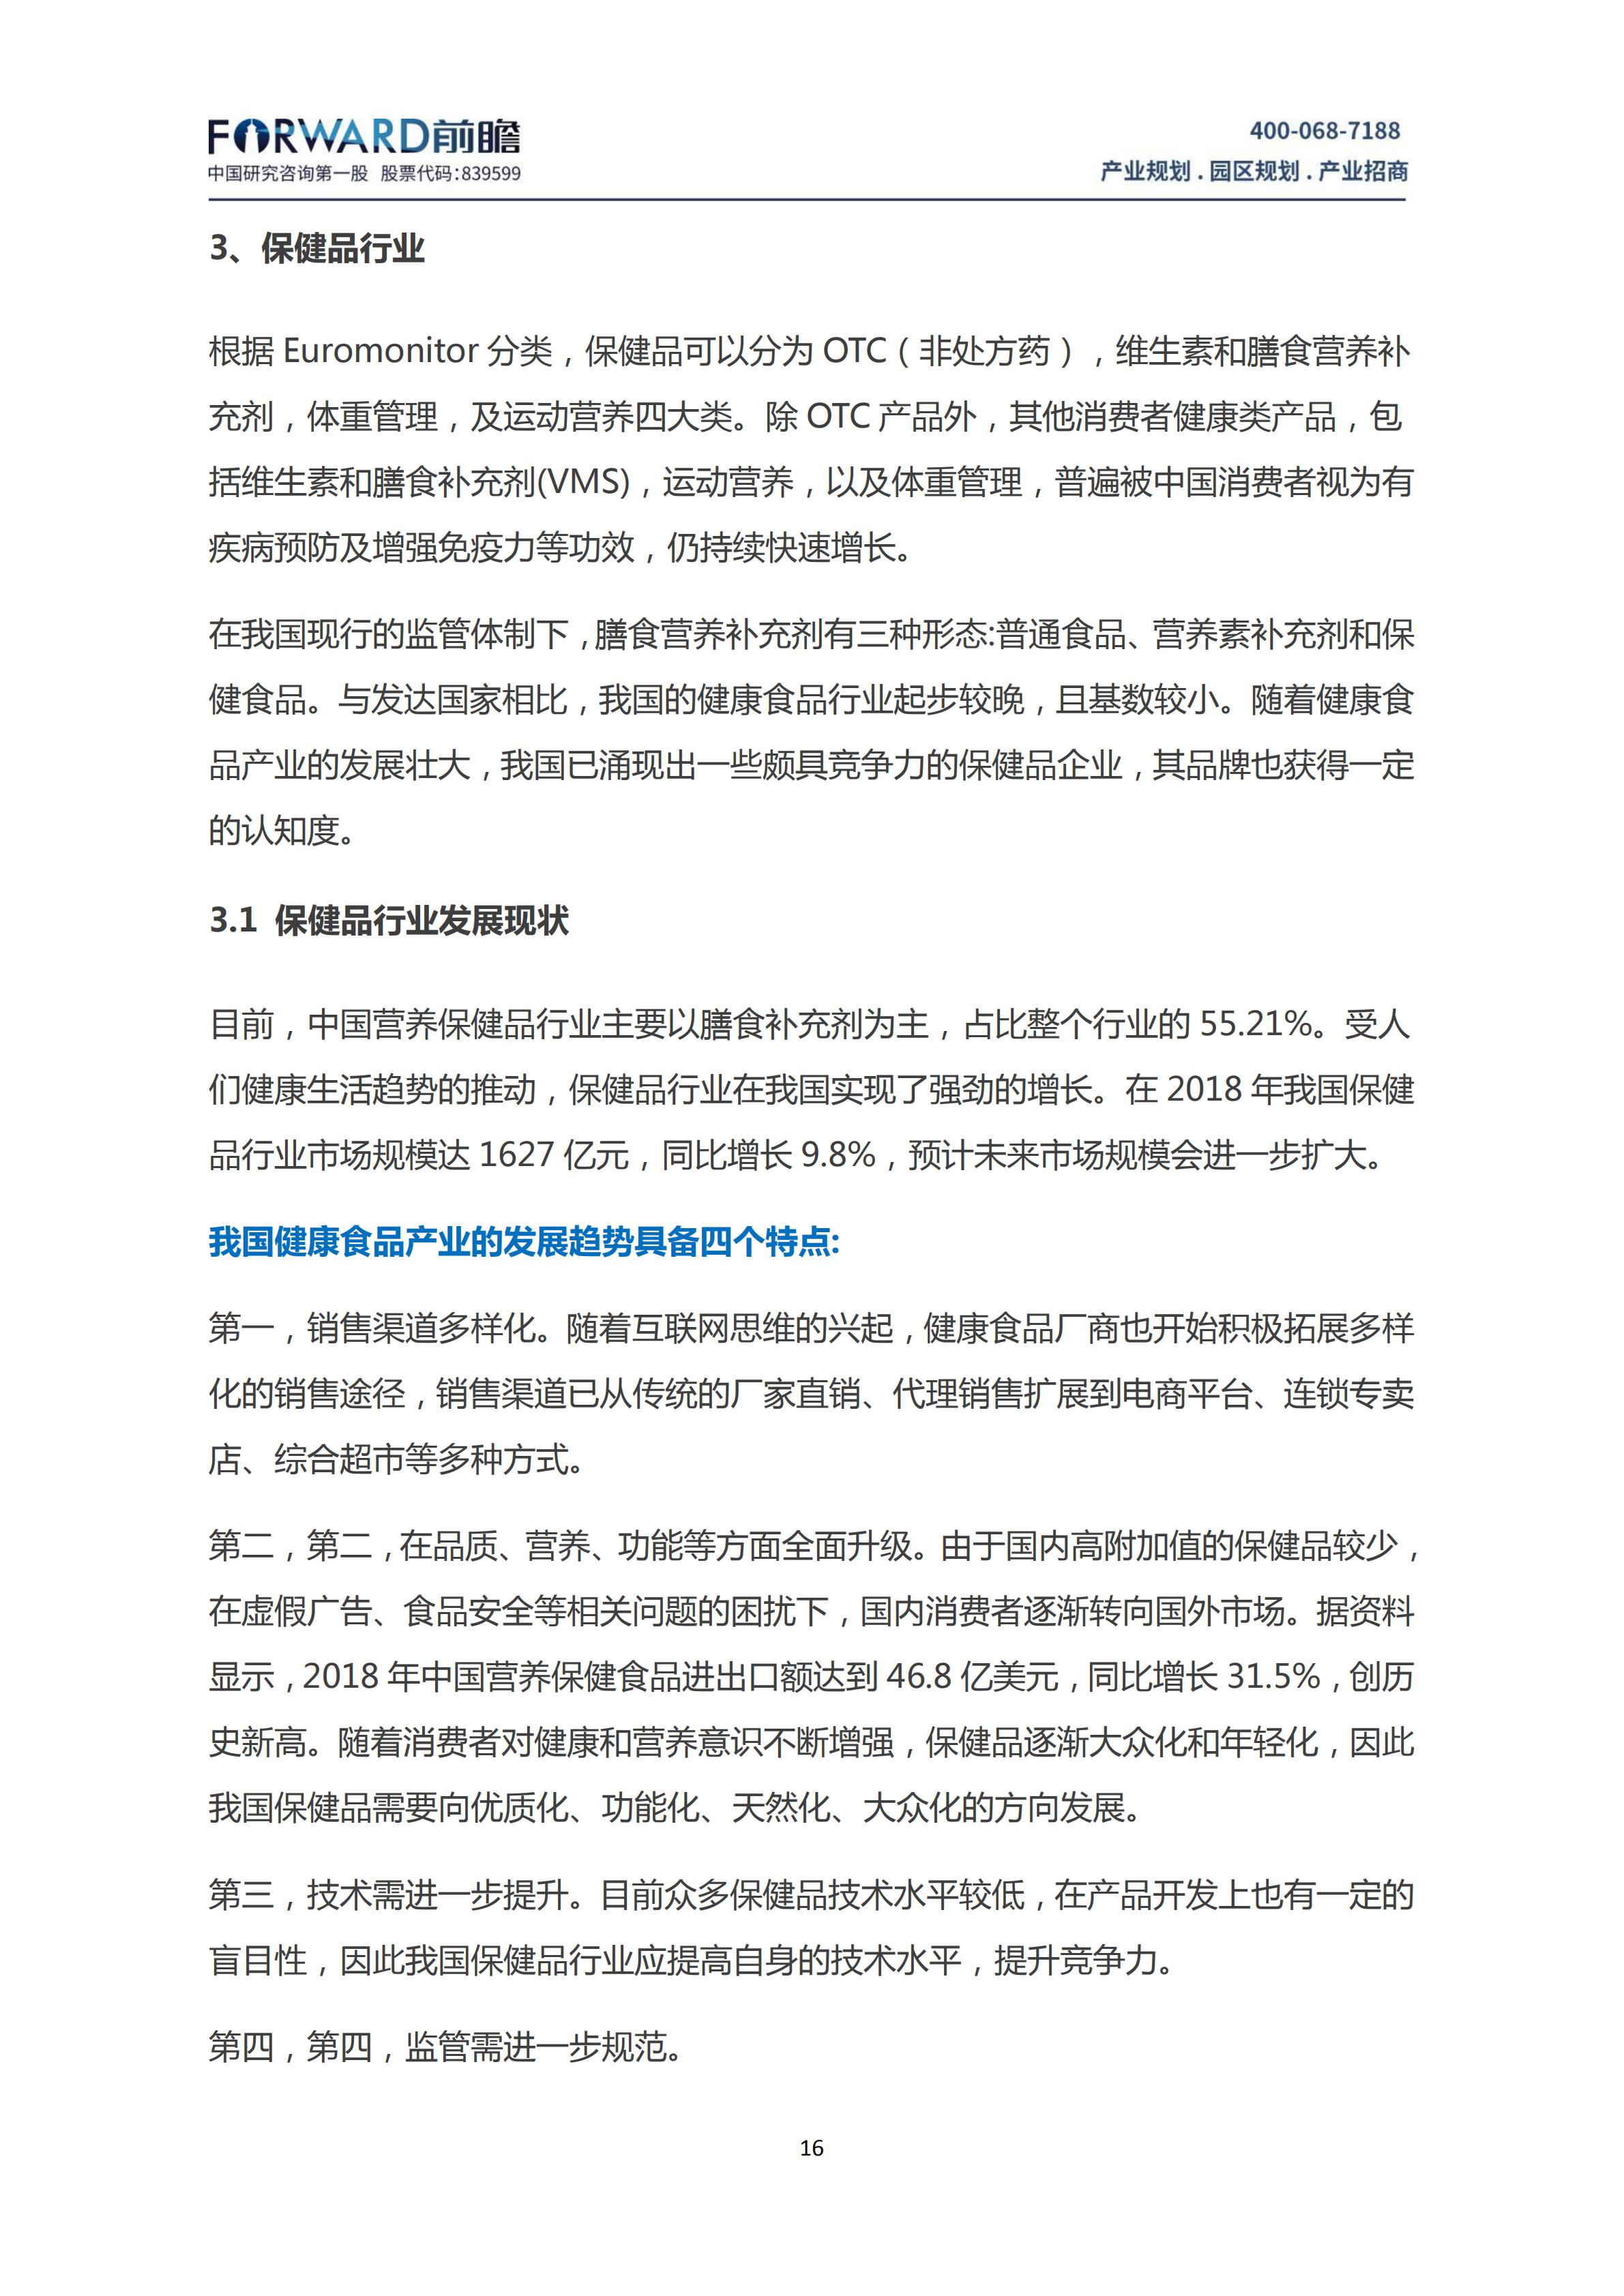 中国大健康产业发展现状及趋势分析_17.png